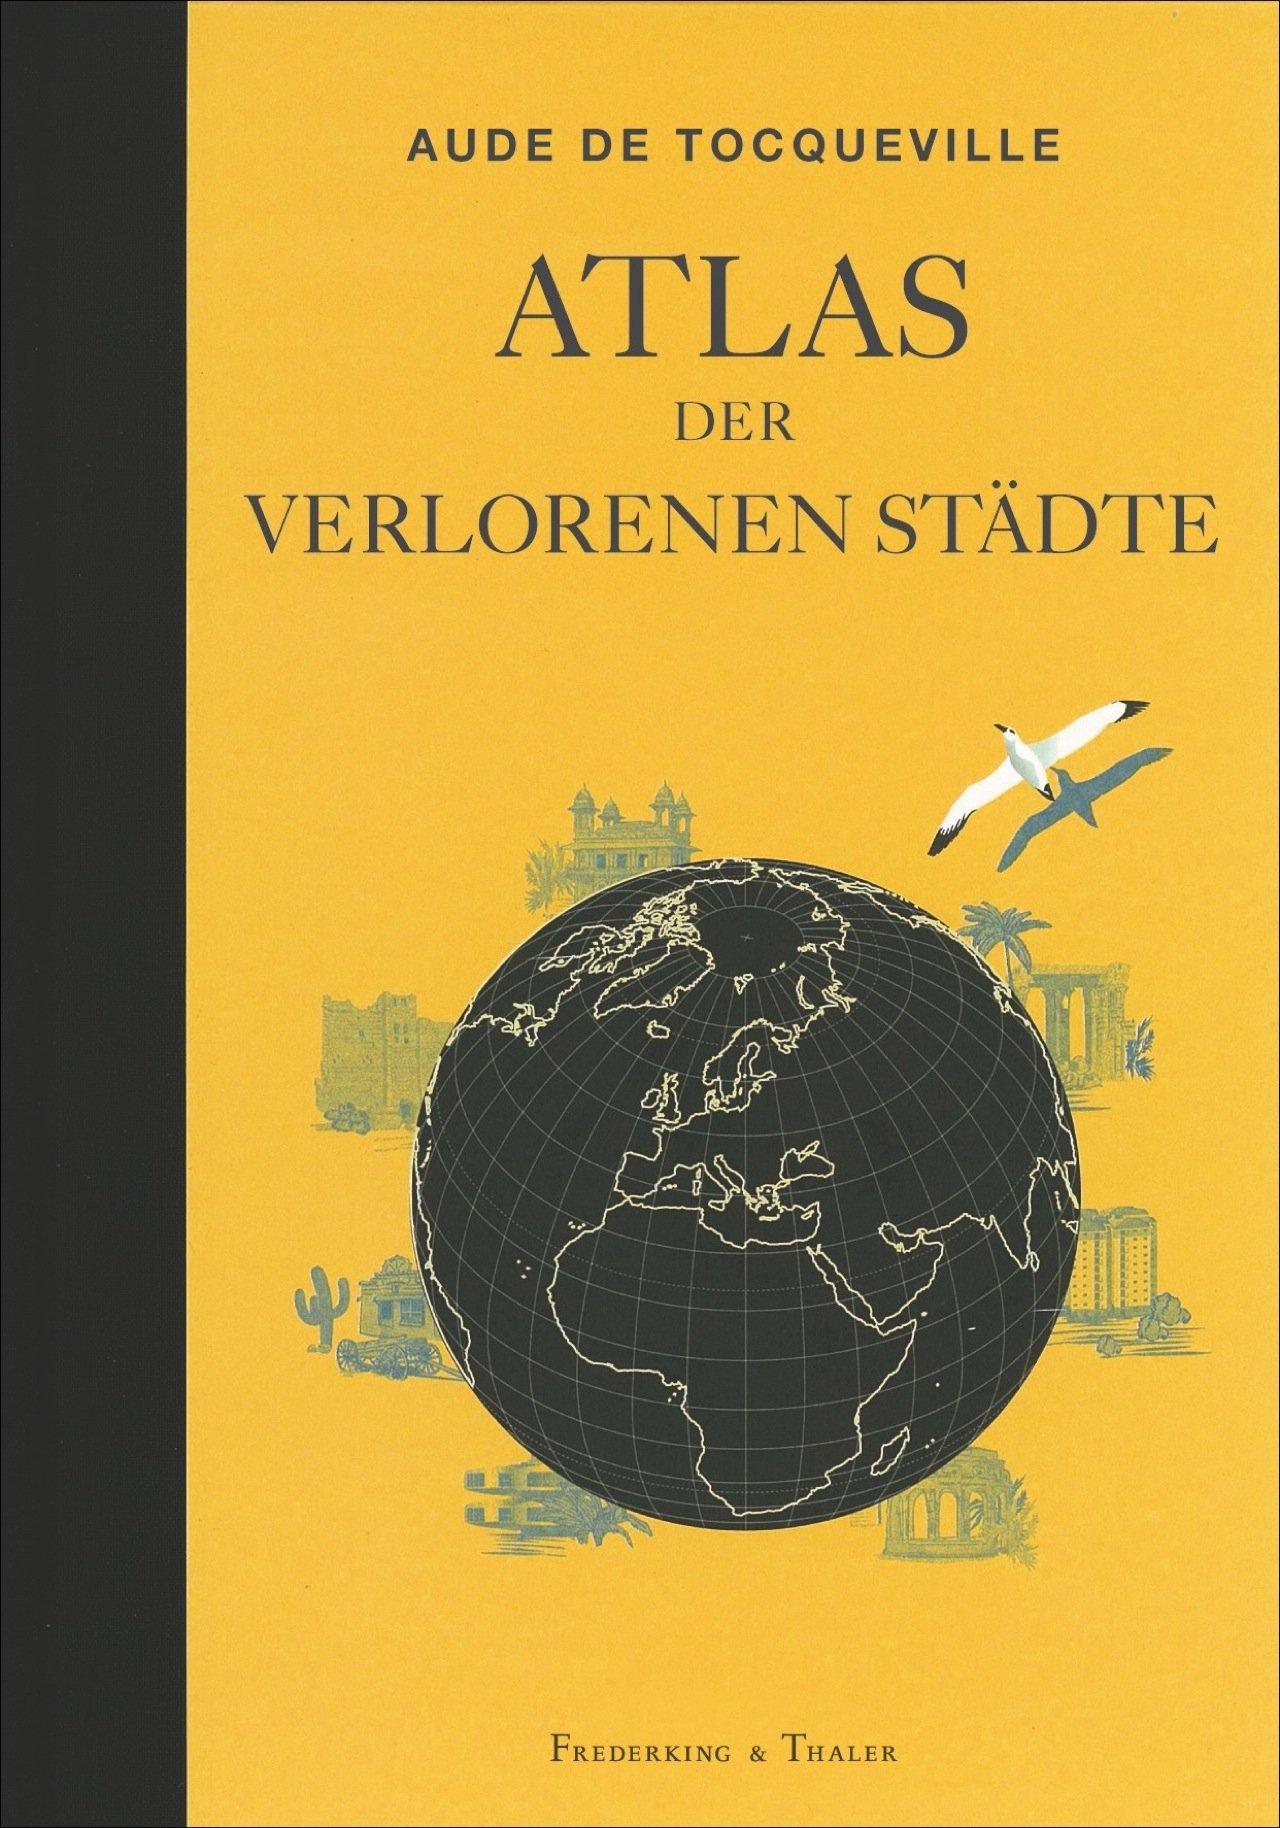 Geheimtipp – Atlas der verlorenen Städte